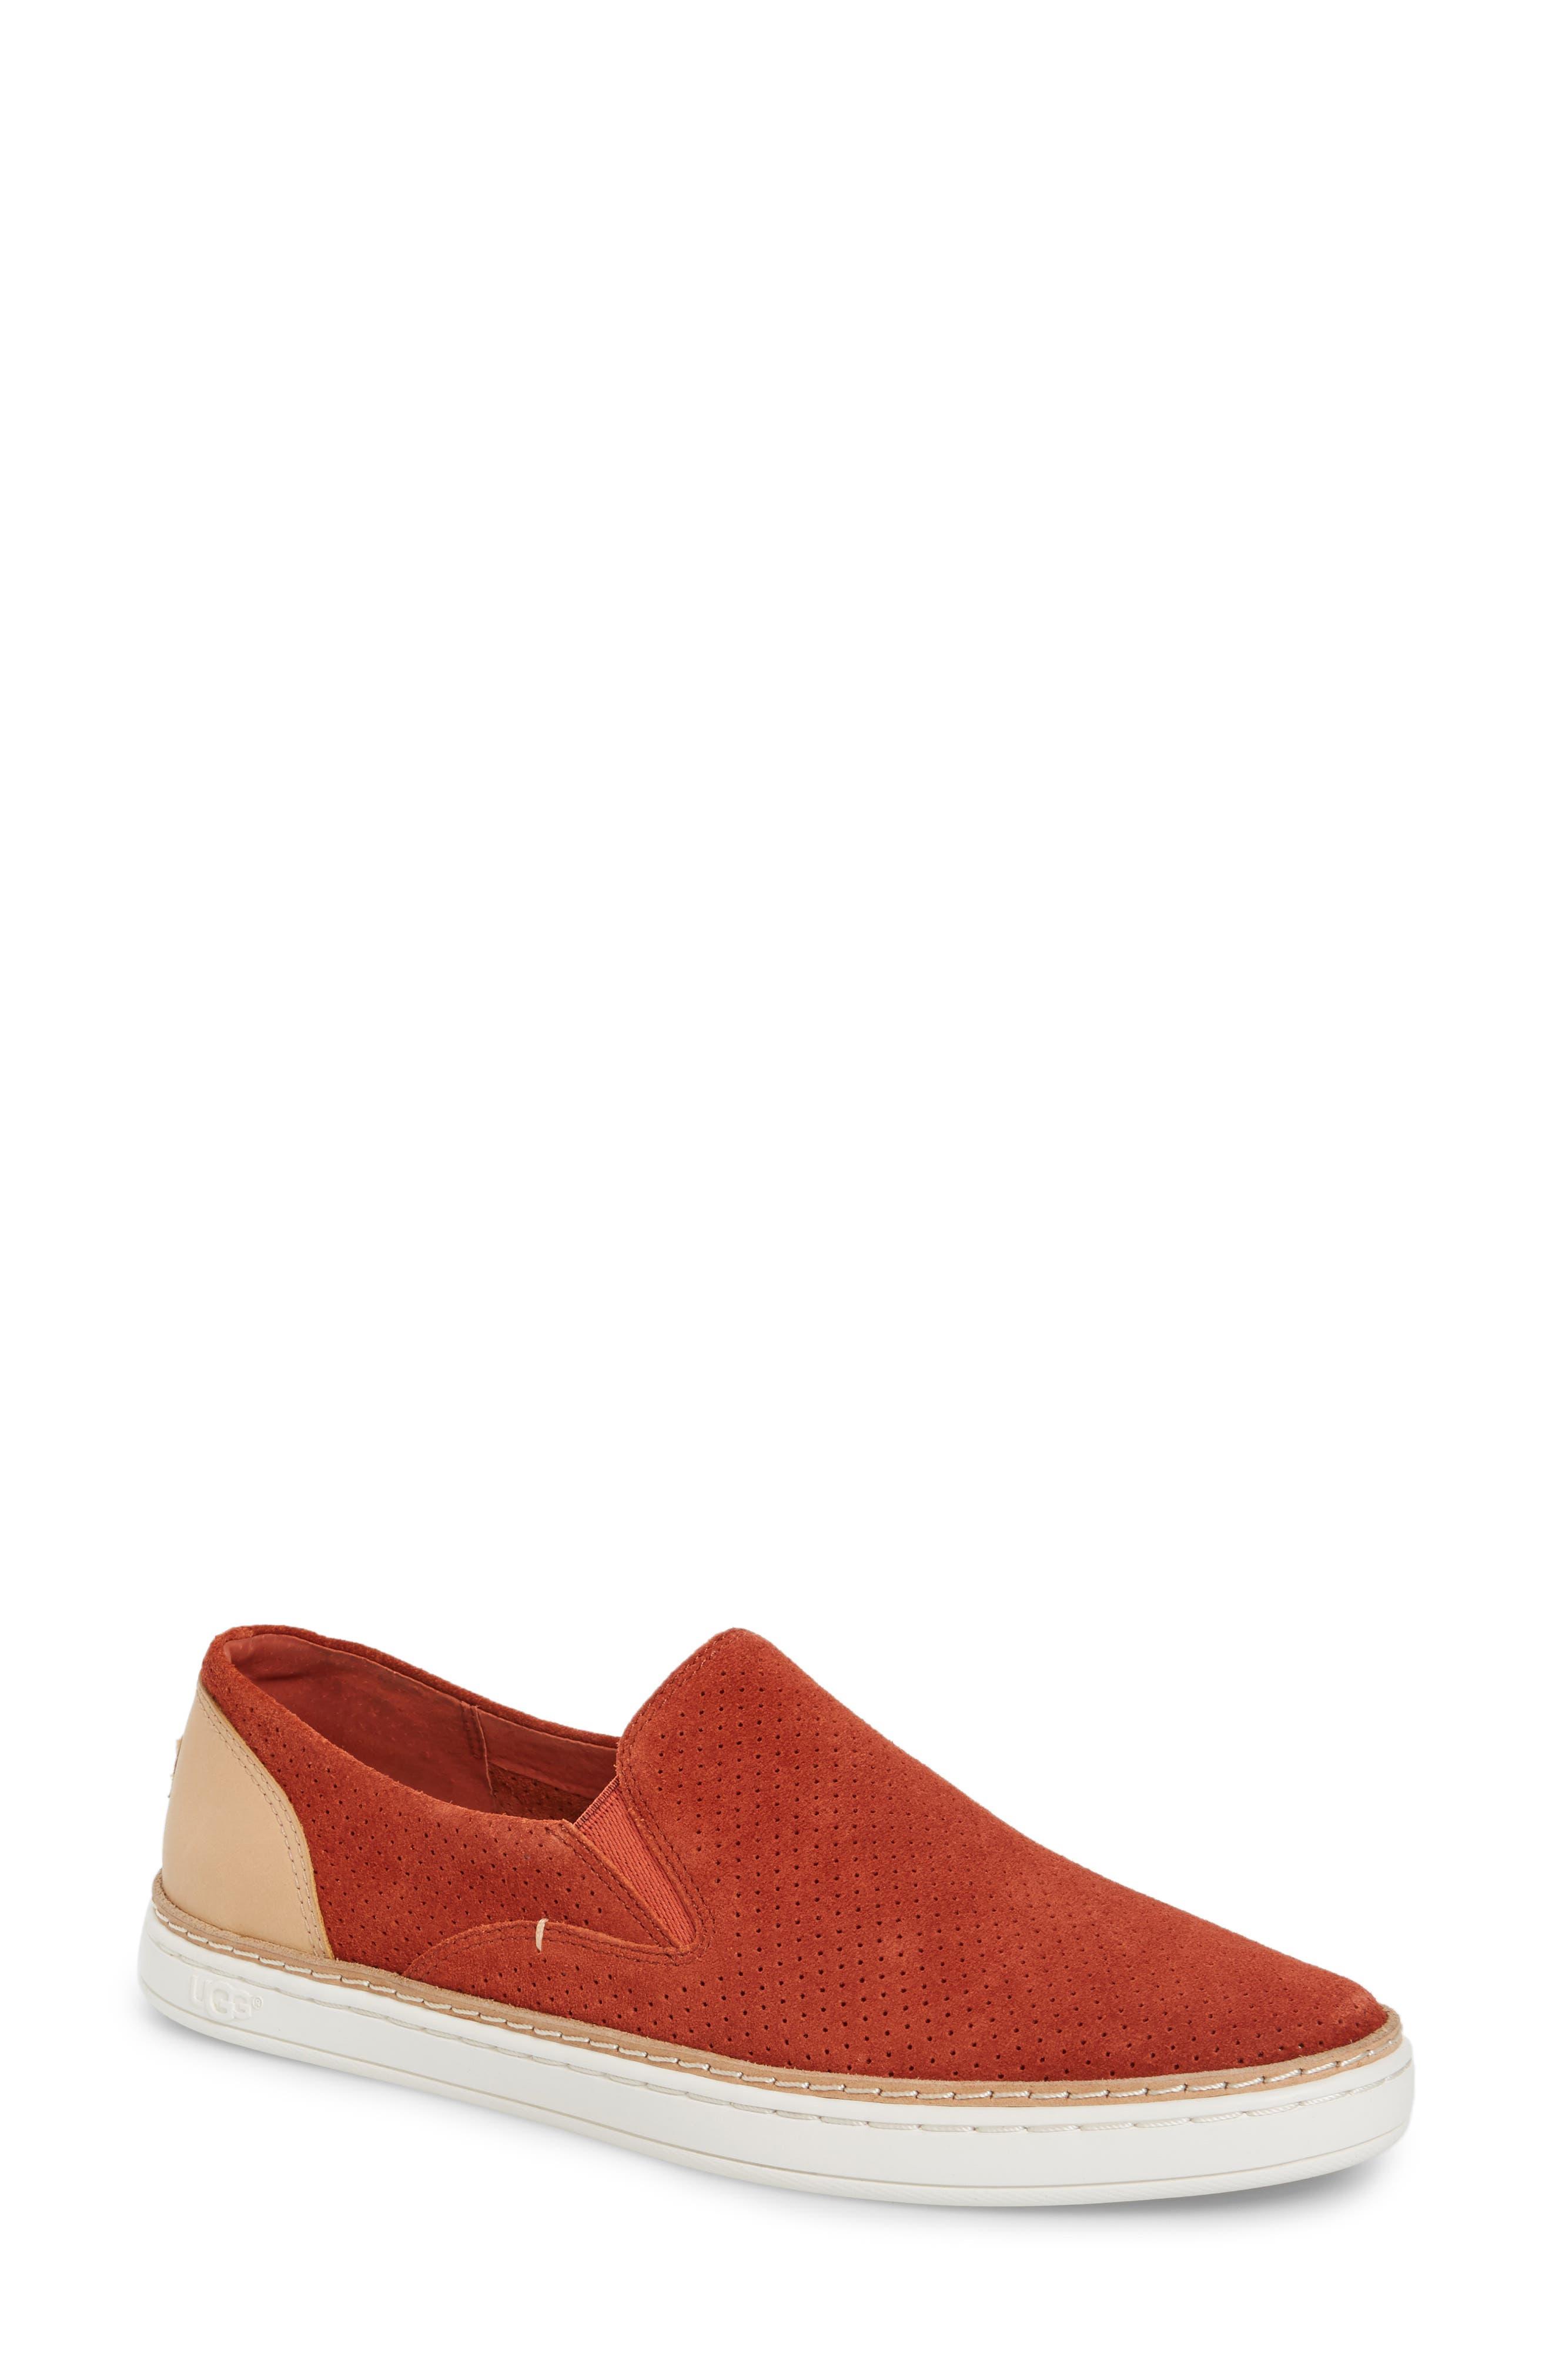 Adley Slip-On Sneaker,                             Main thumbnail 11, color,